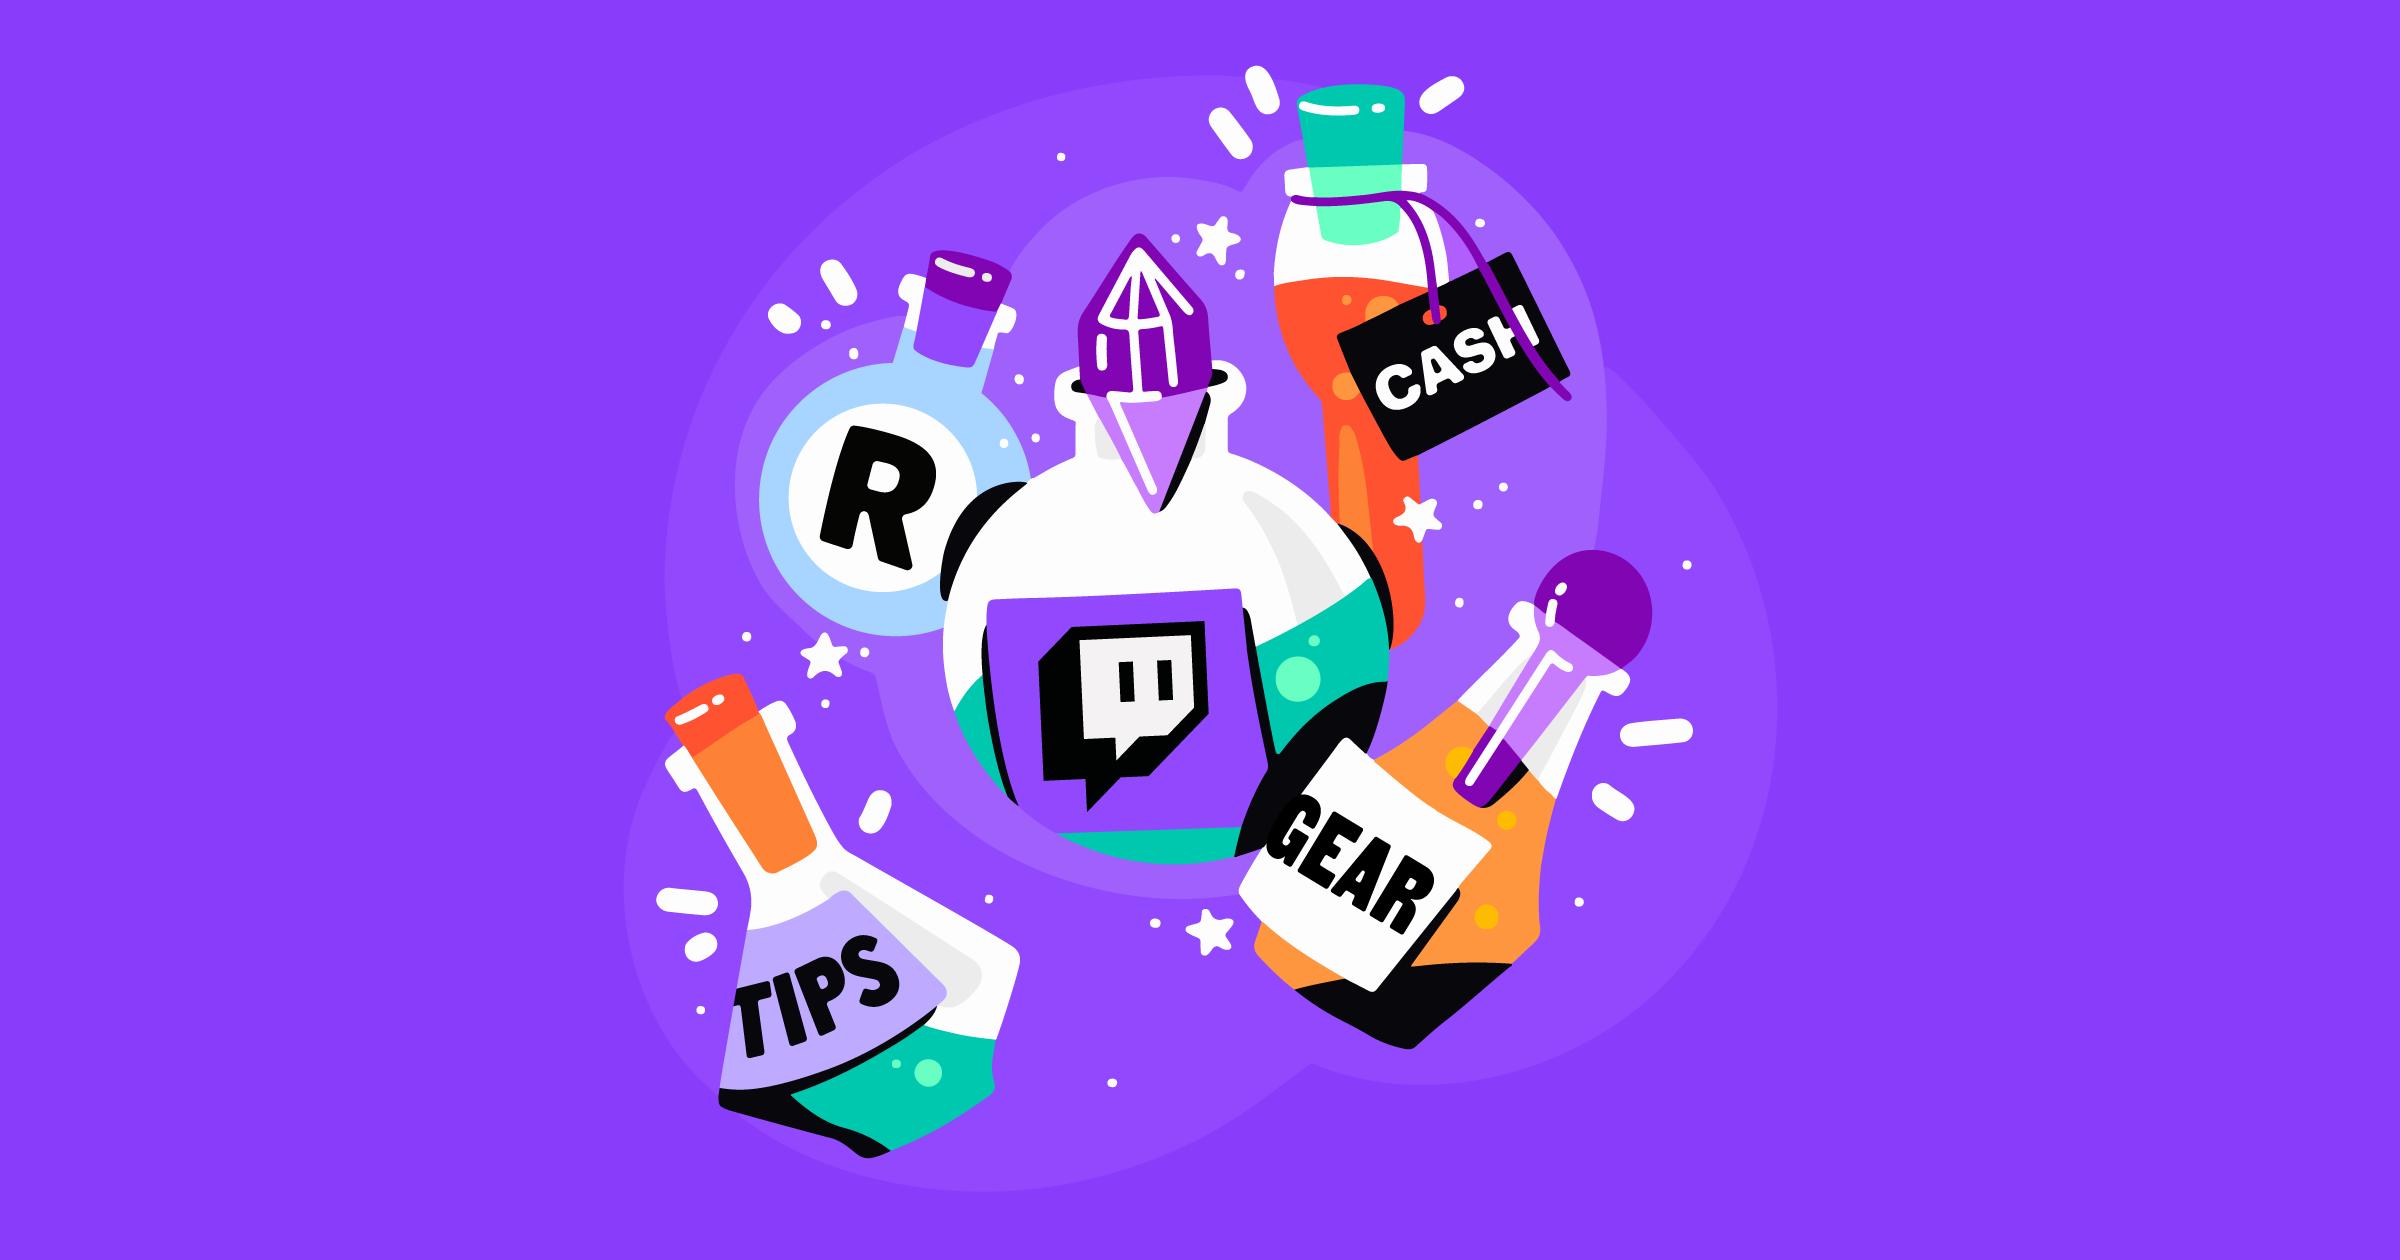 Накрутка зрителей и подписчиков для Twitch бесплатно | Проверка на ботов